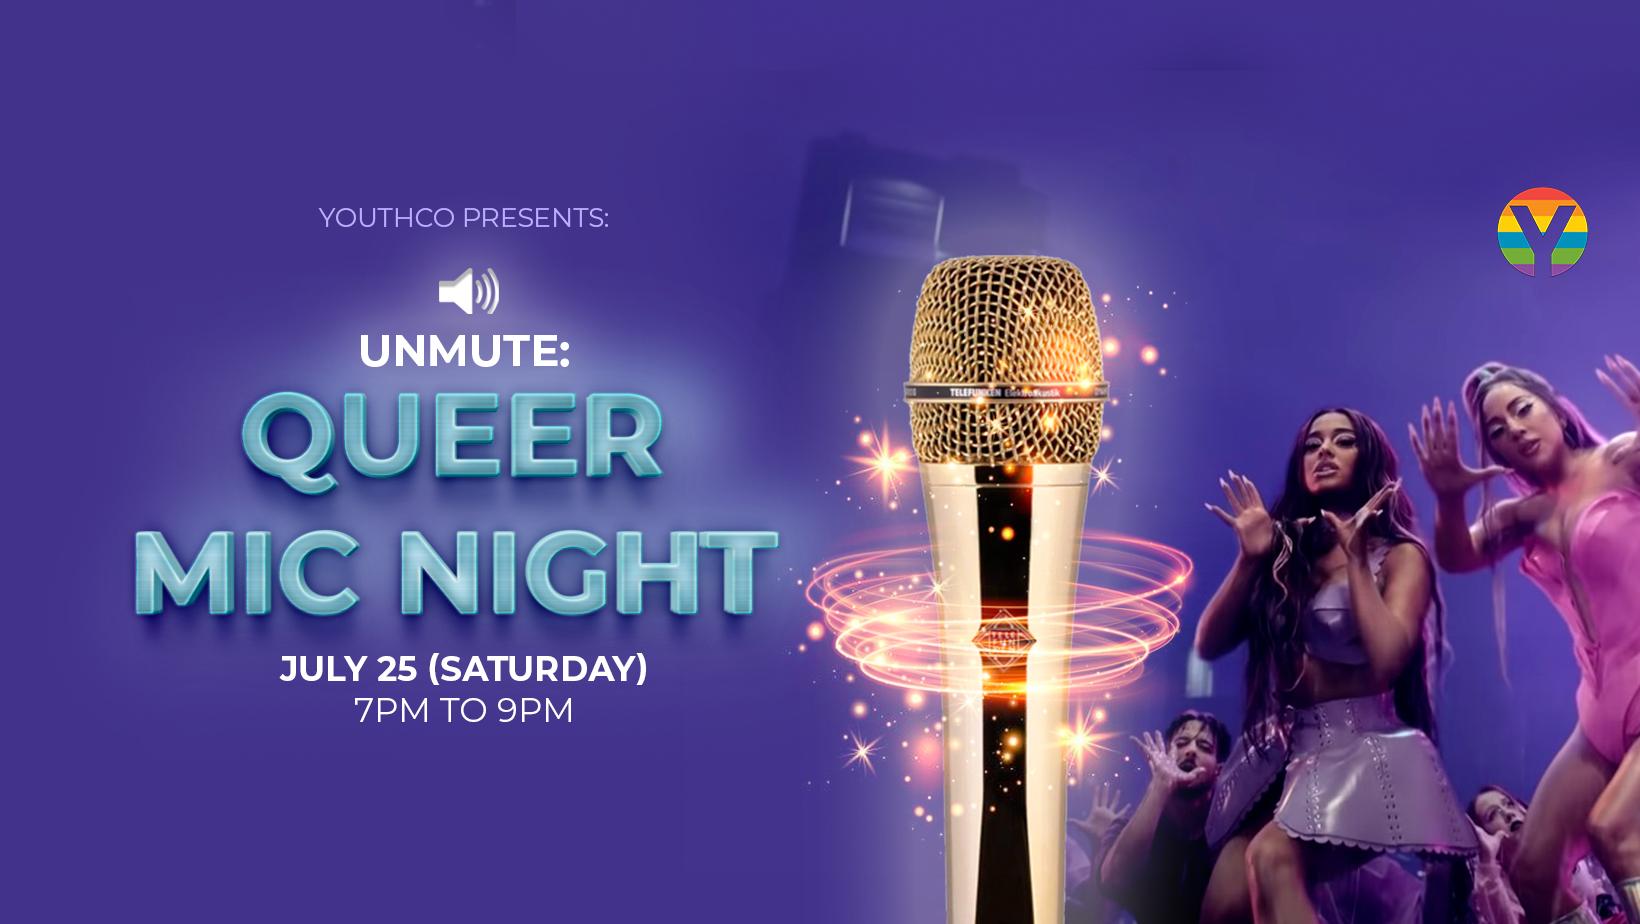 queer mic night facebook